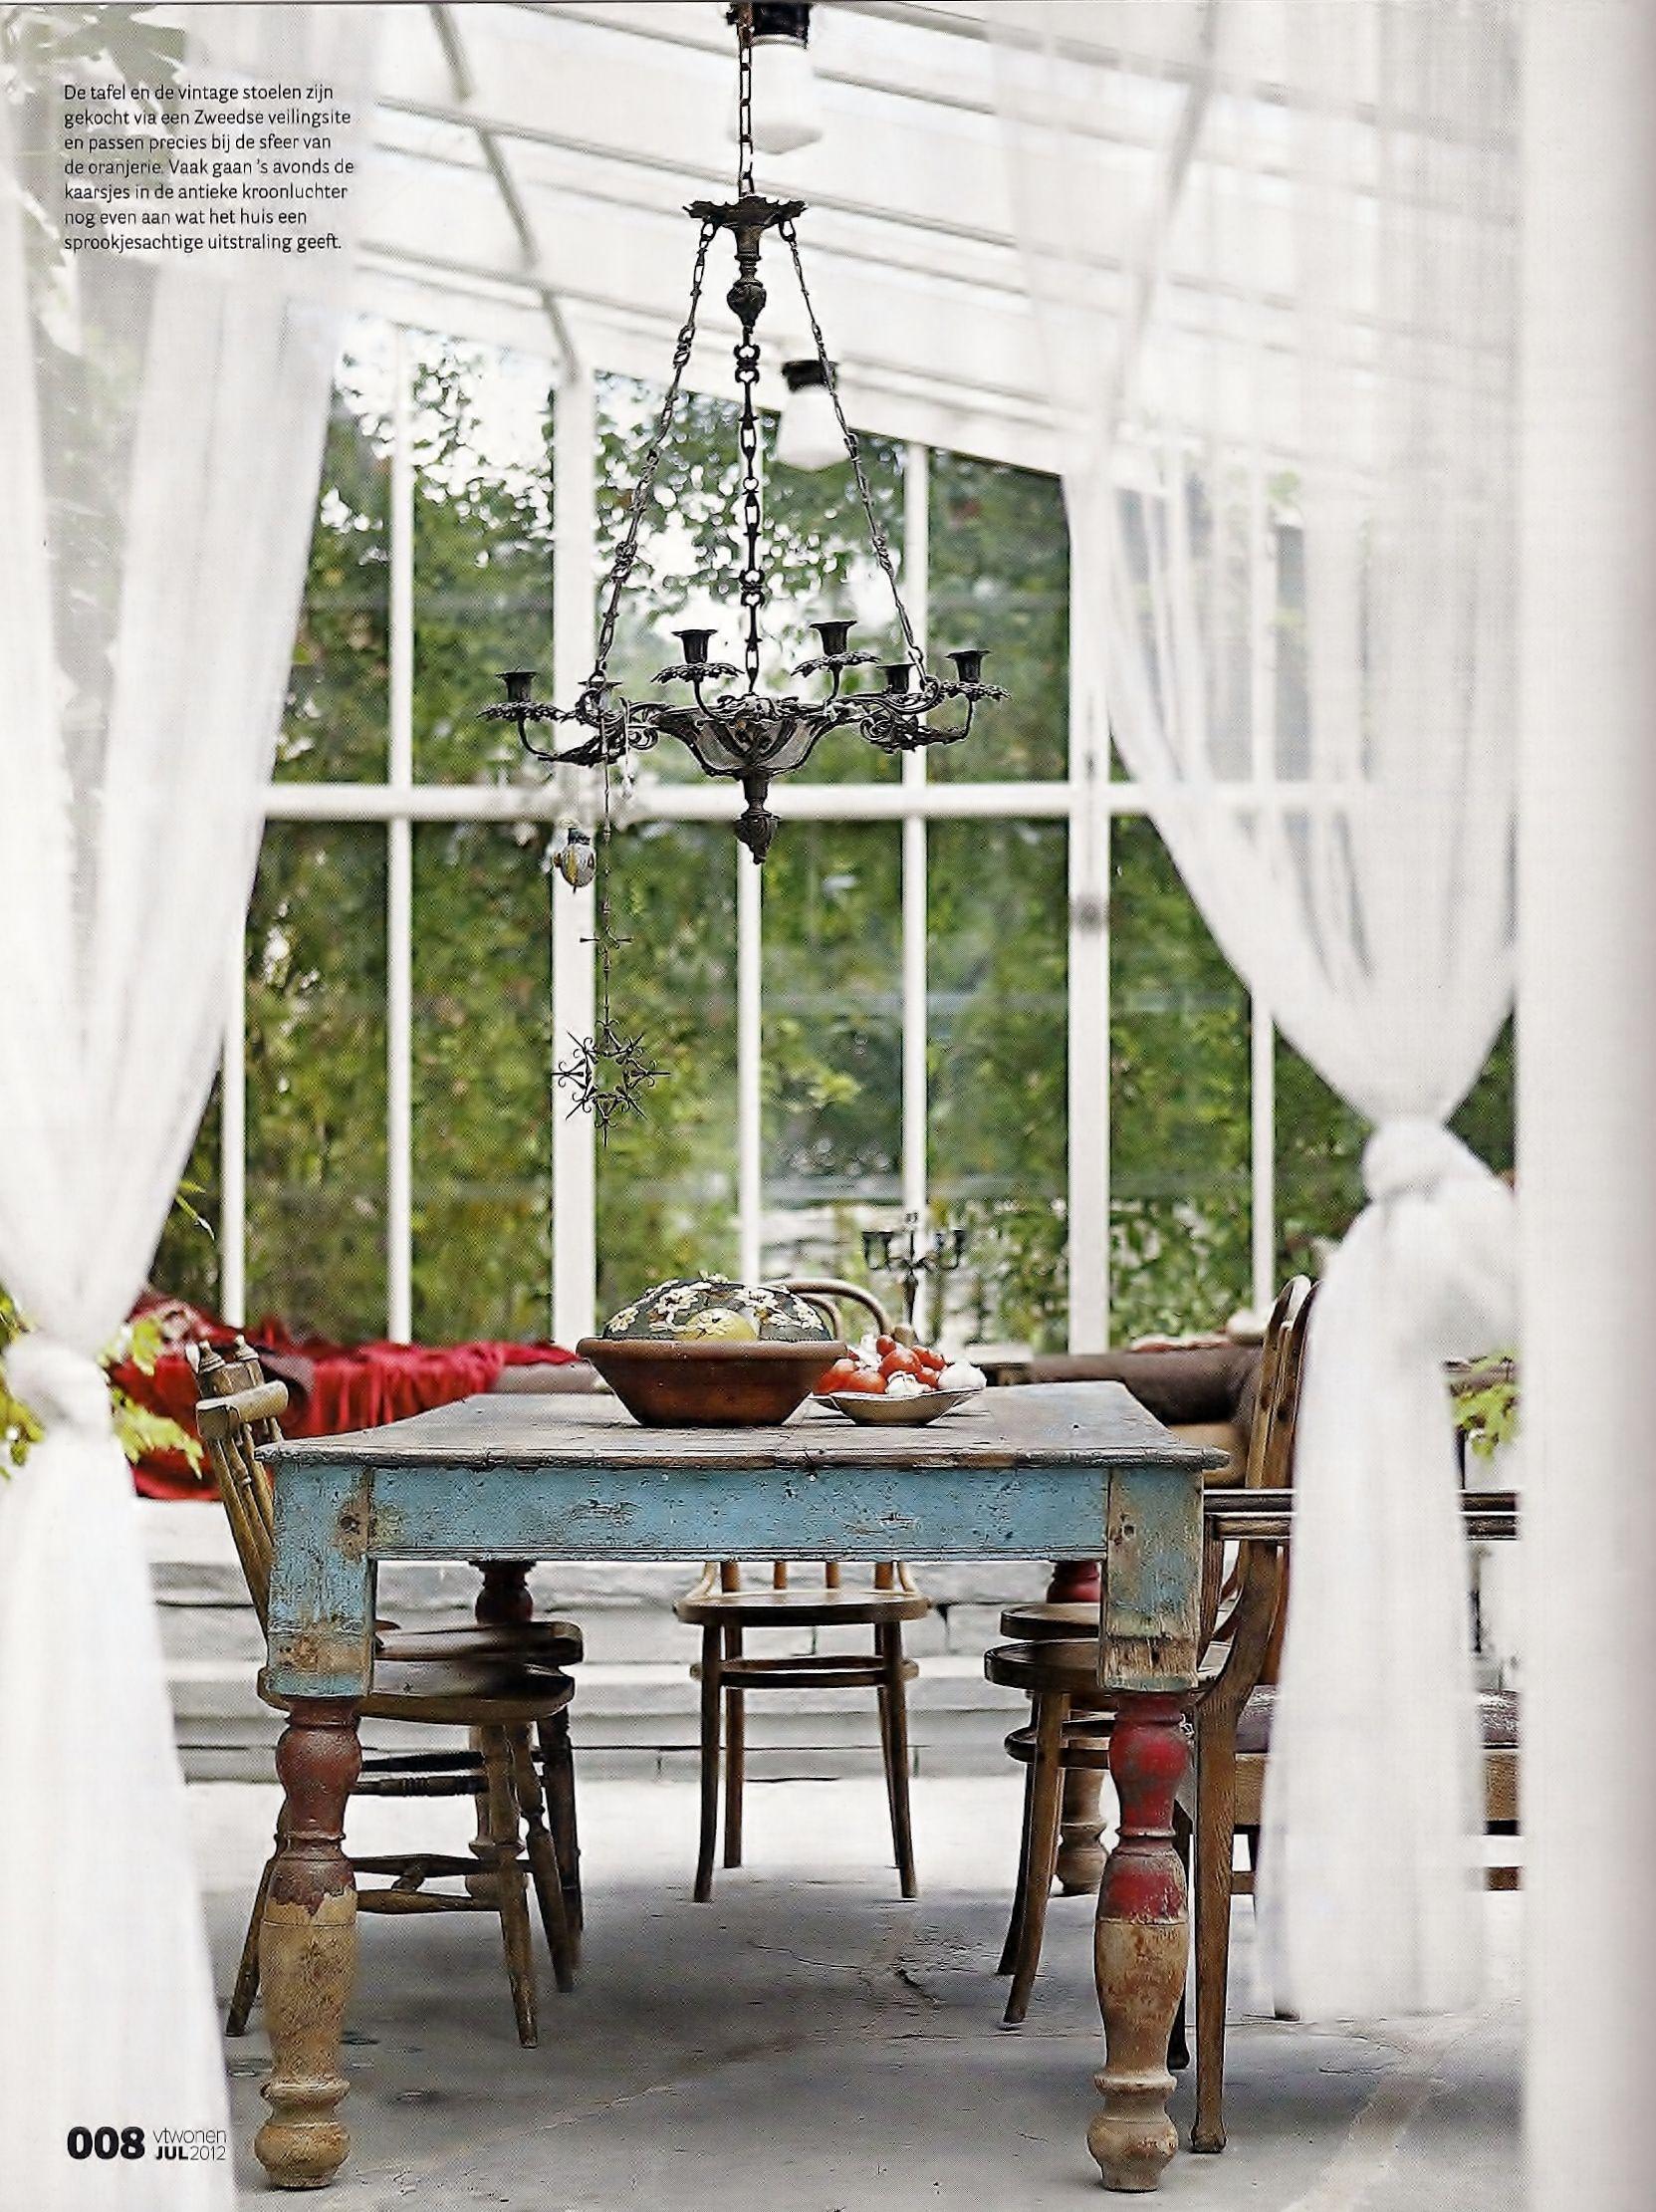 Vintage Decoracion Interiores - Shabby Chic Decoracion - Distof.com